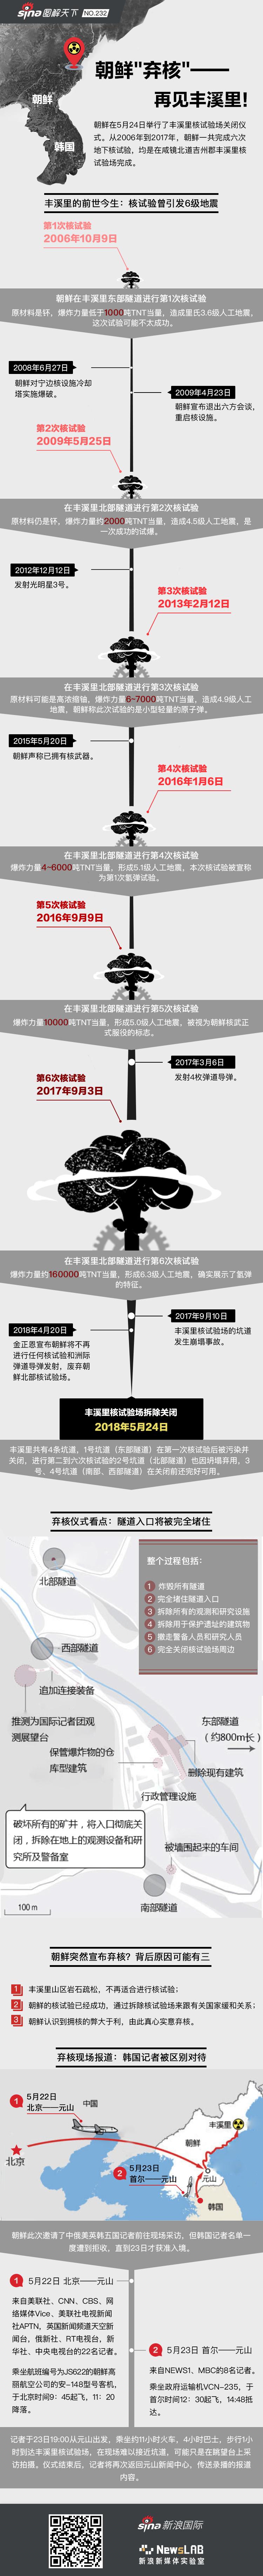 图解朝鲜弃核:丰溪里的前世今生